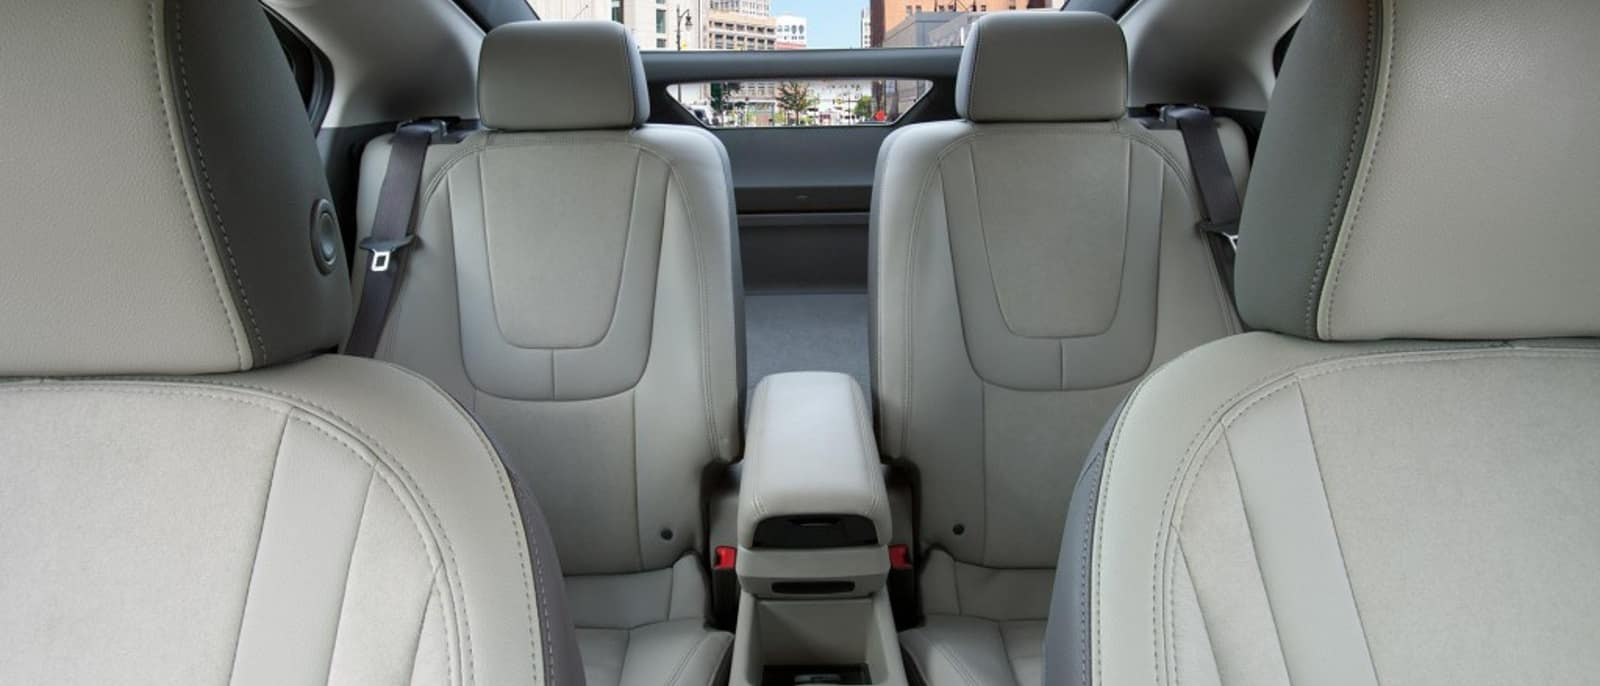 2015 Chevy Volt Interior